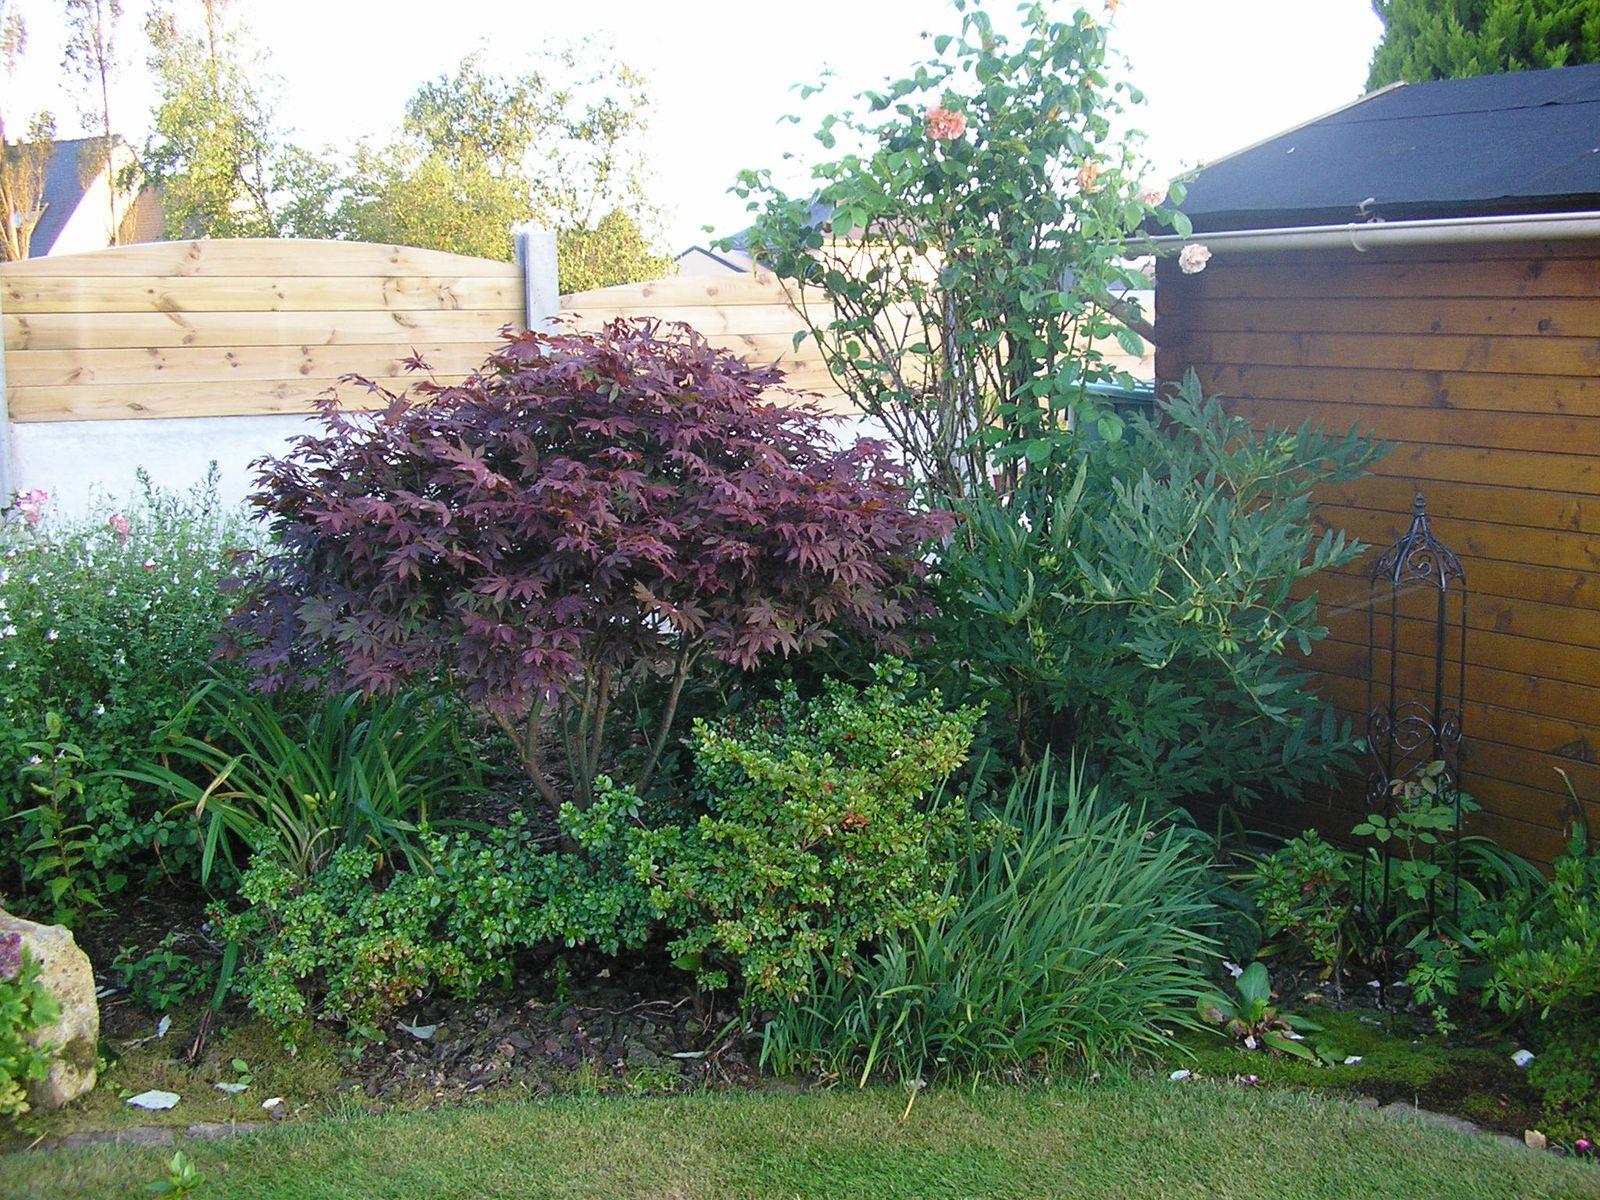 Le jardin a souffert du temps sec de juillet mais les agapanthes et les rosiers en ont bien profité. J'ai noté les plantes qu'il va falloir déplacer cet automne pour les mettre en valeur.